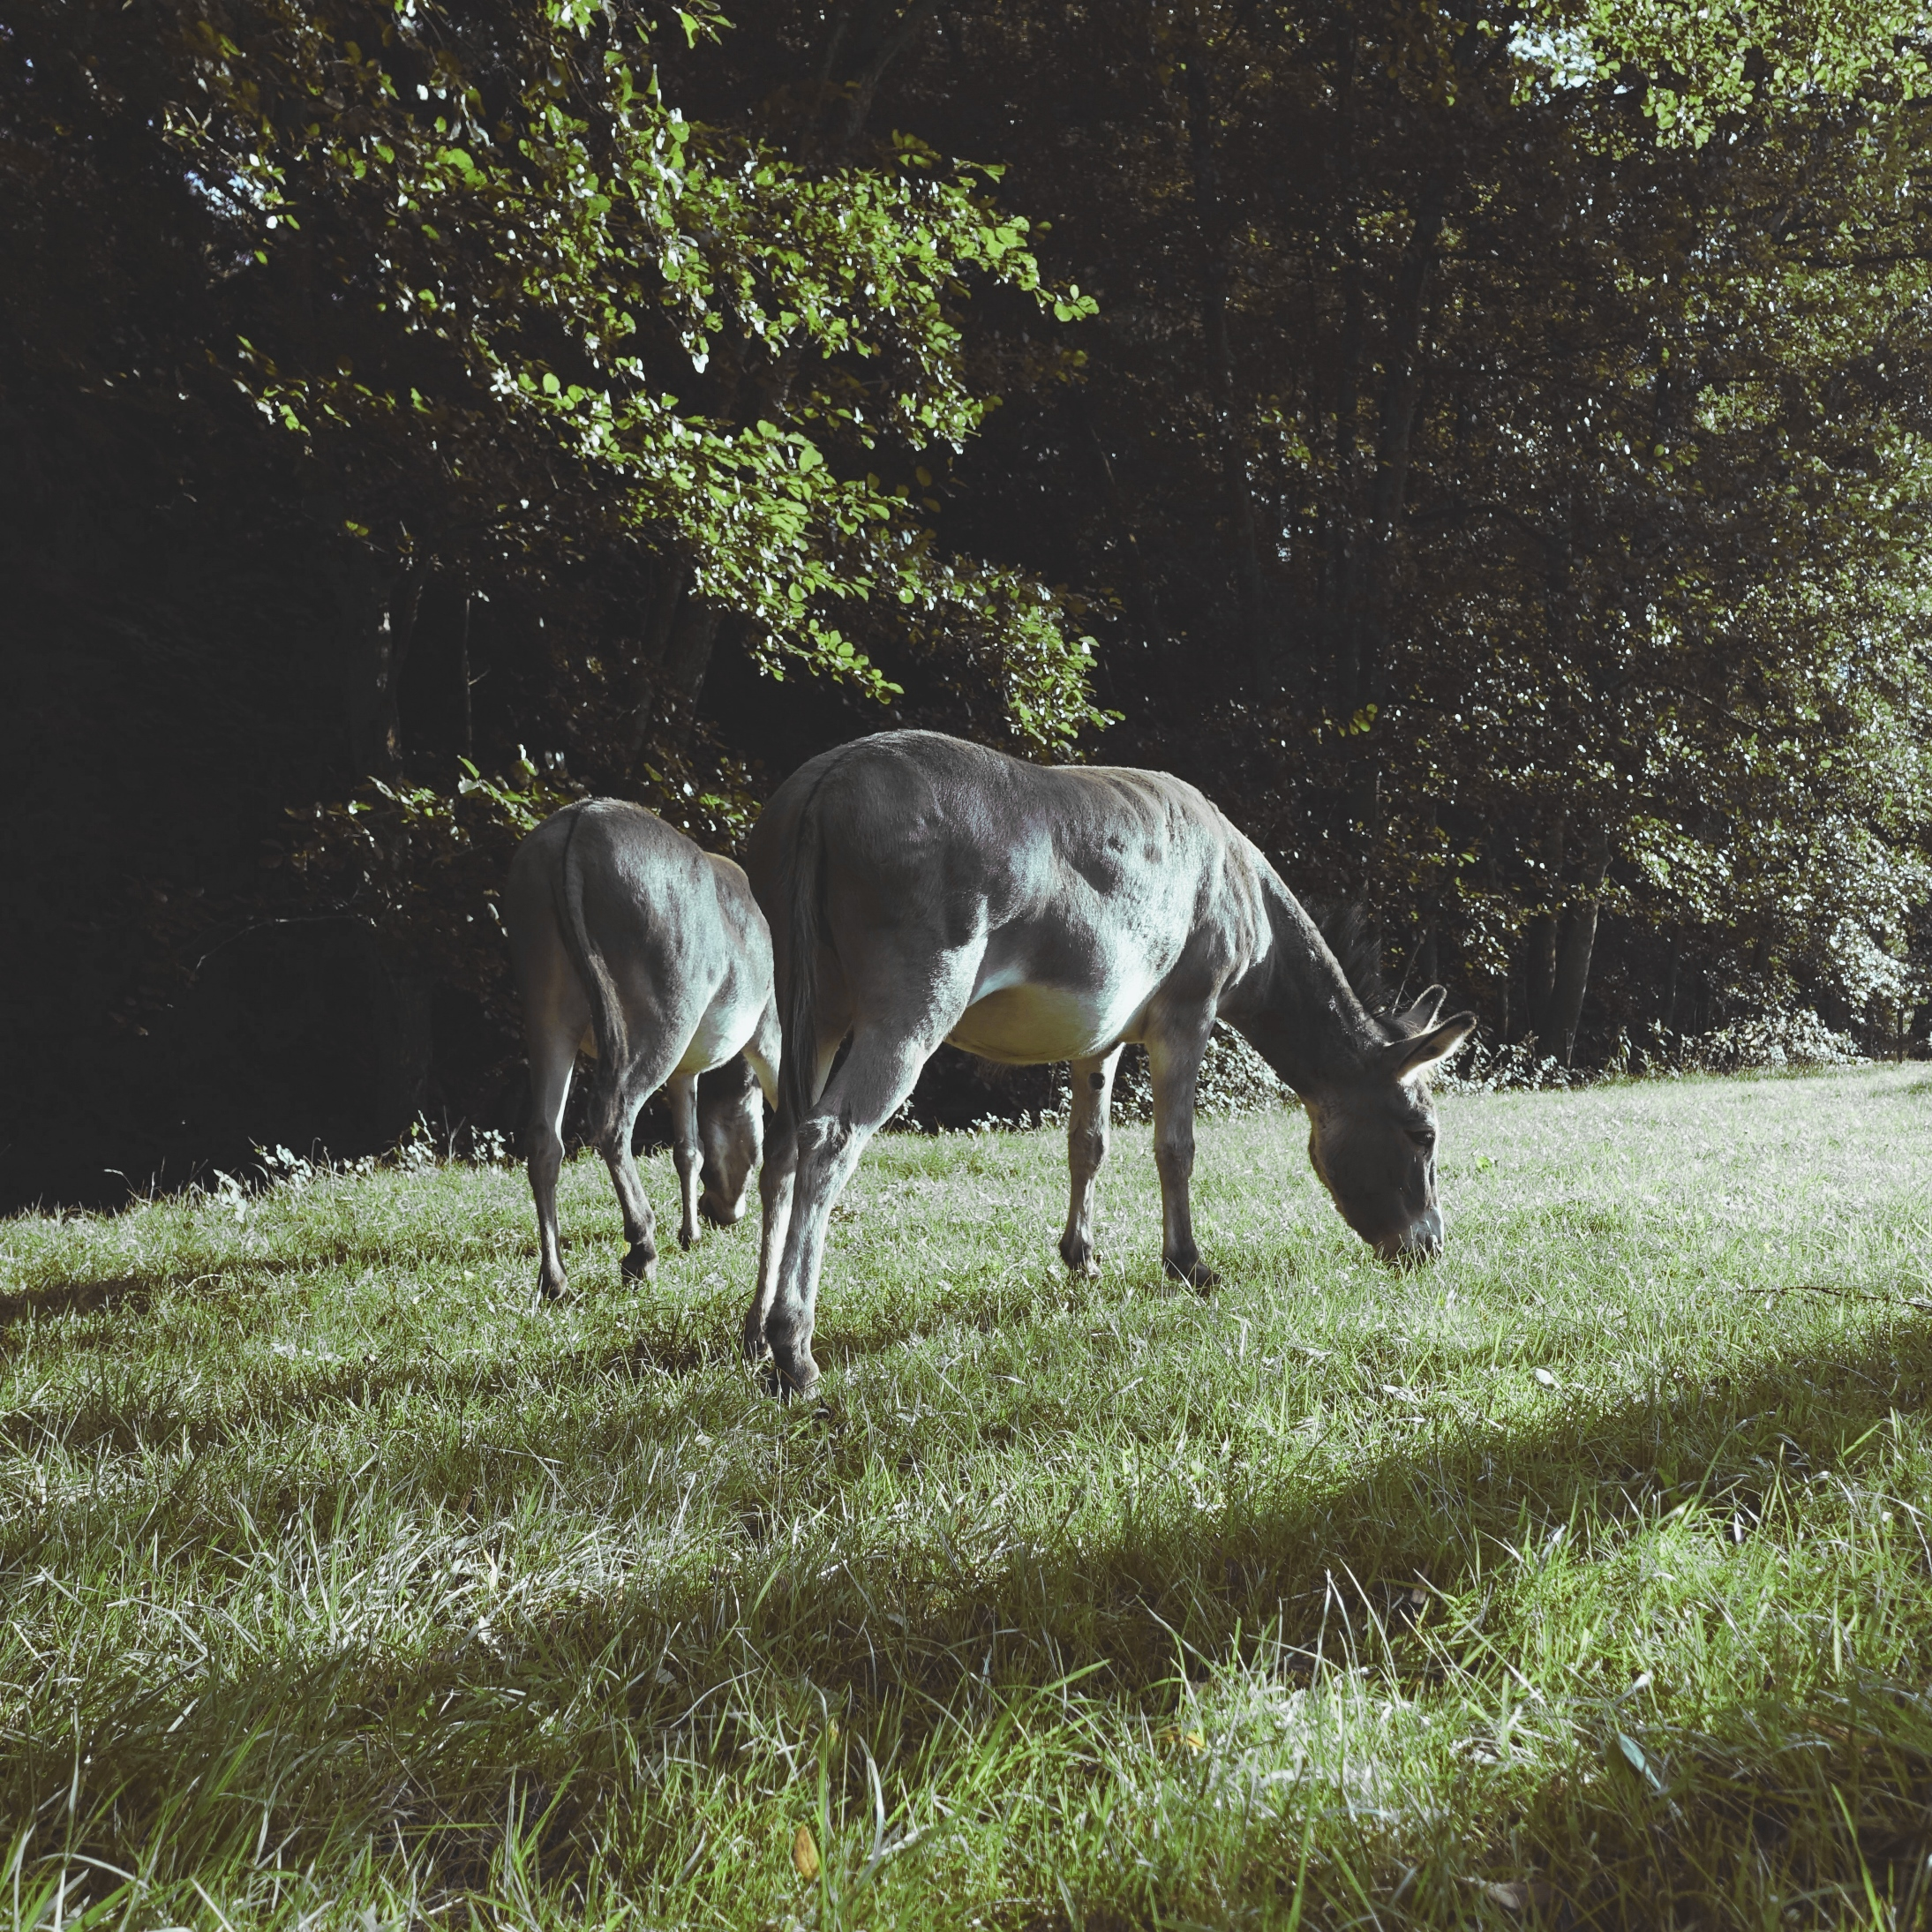 Aux Pas de l'Ane - Randonnée avec un âne